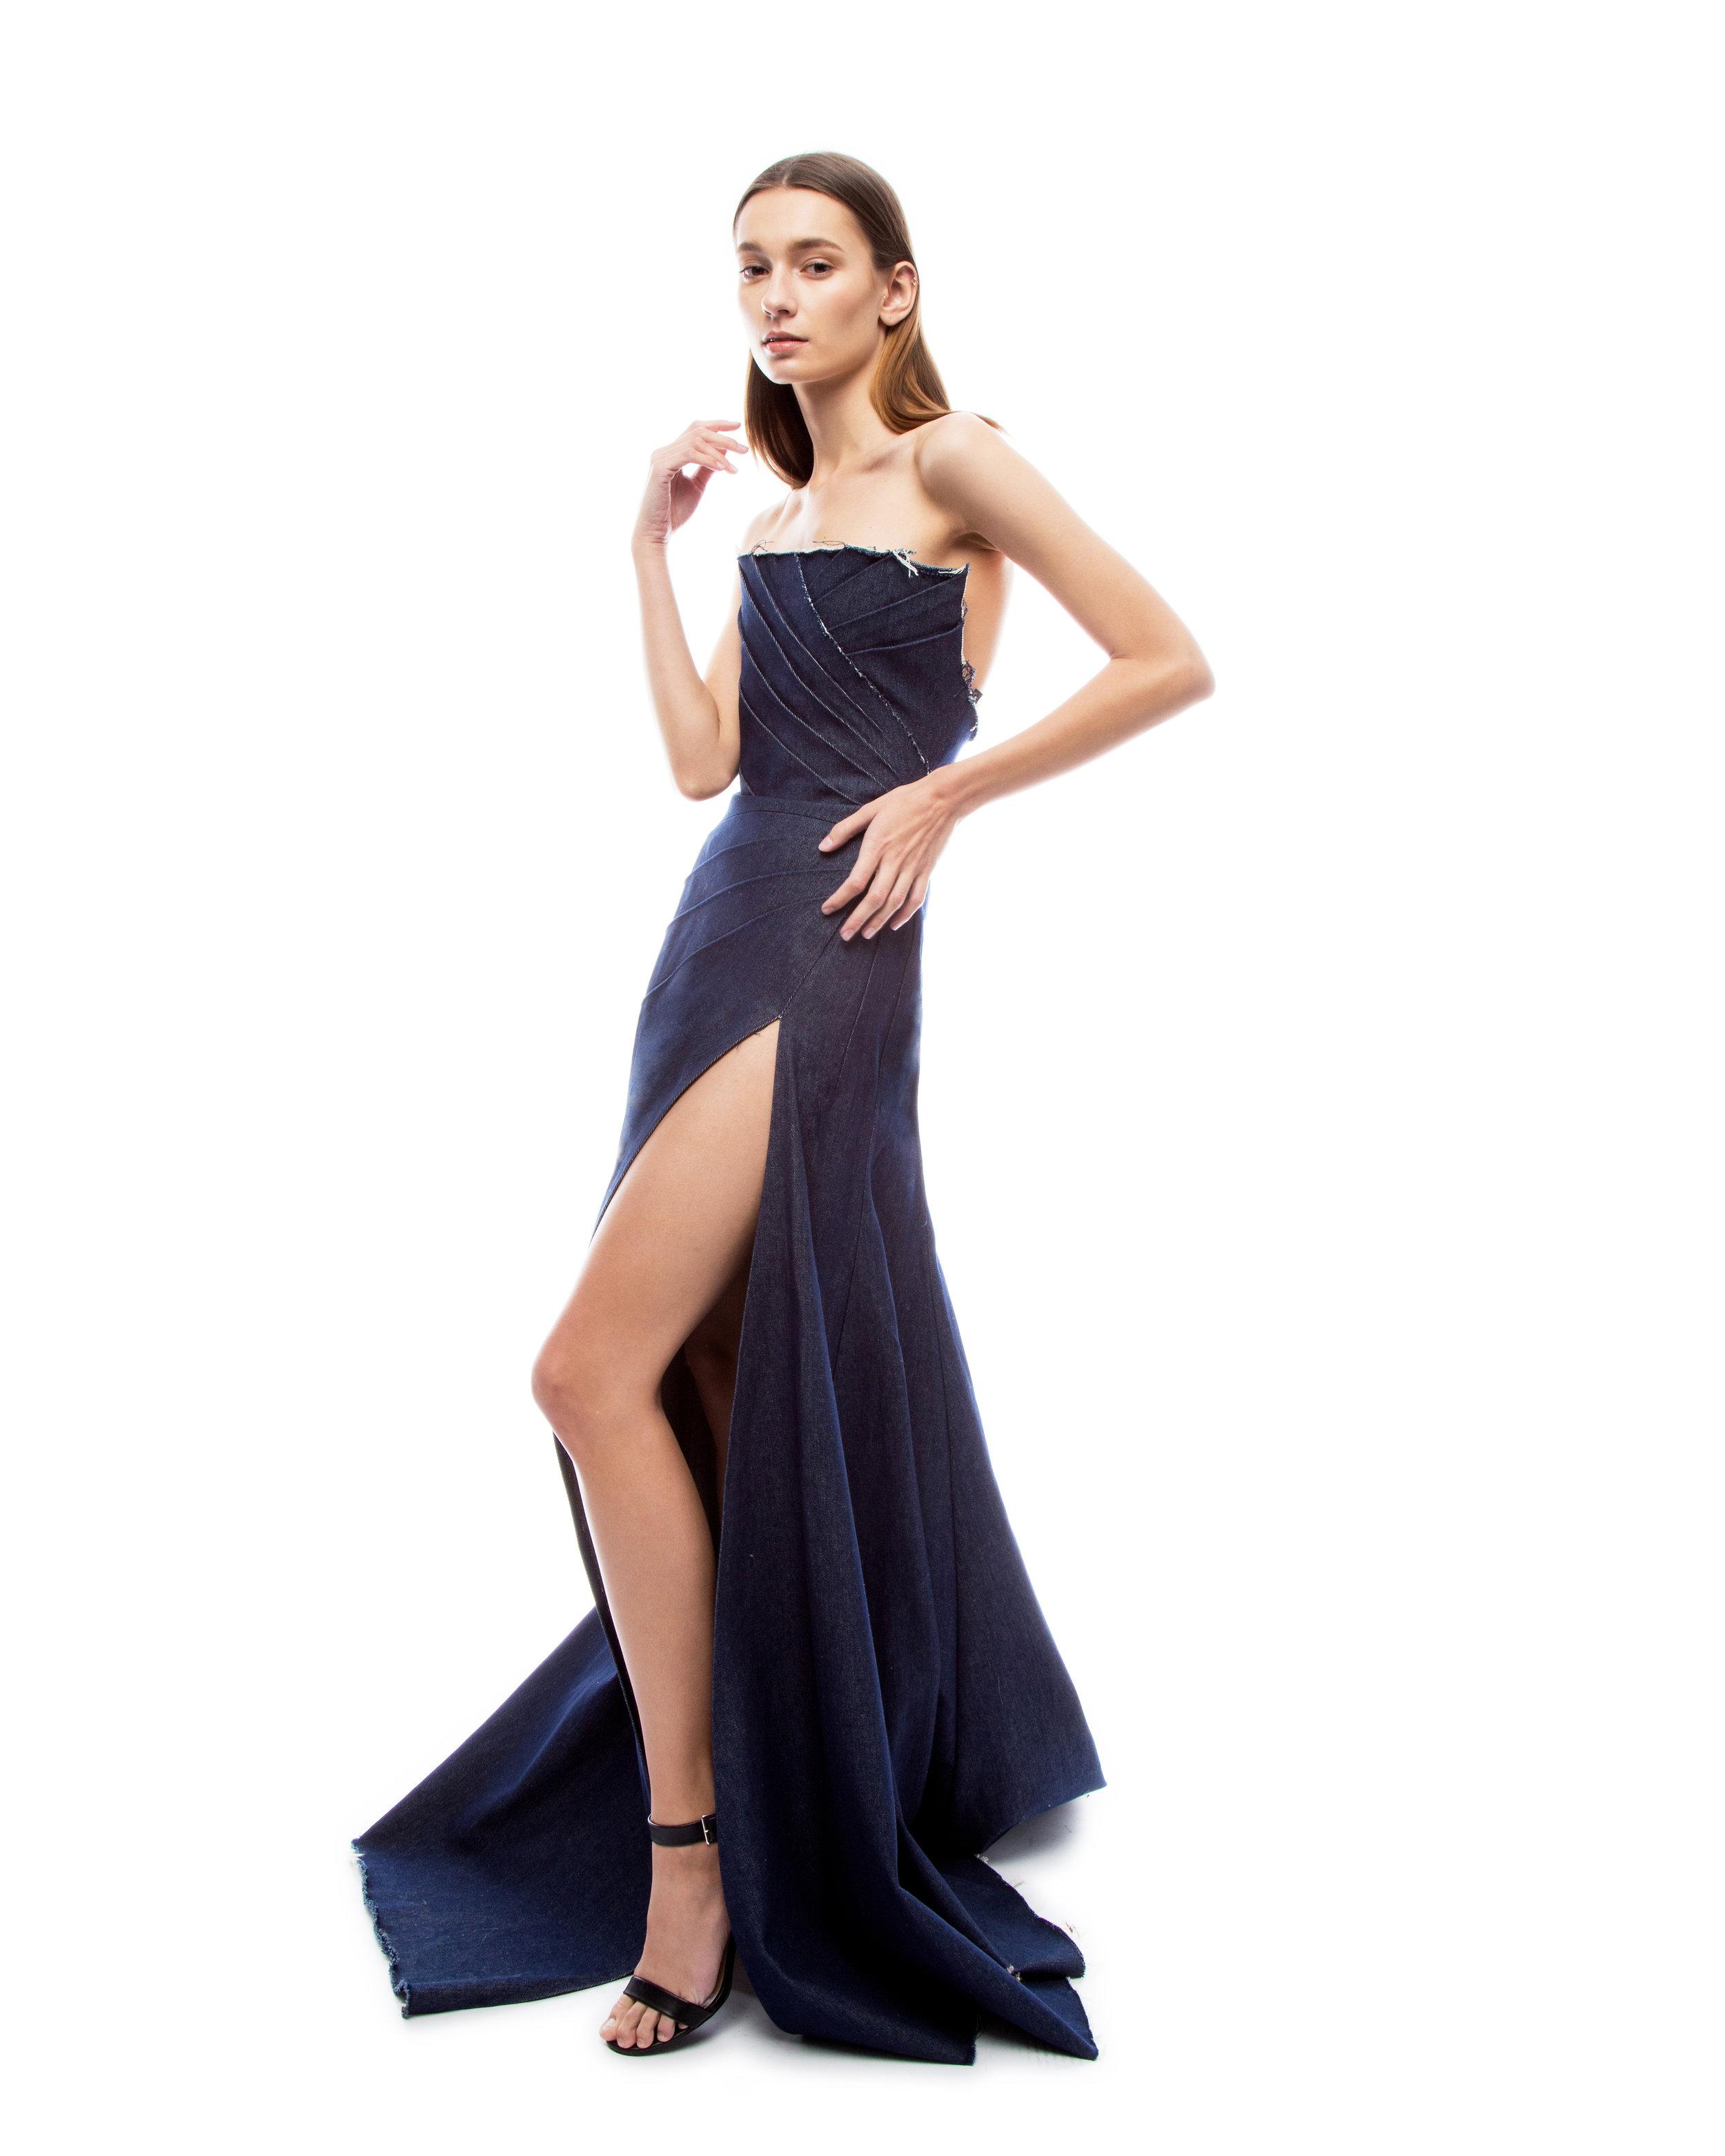 02-olya-kosterina-denim-gown-slit.jpg